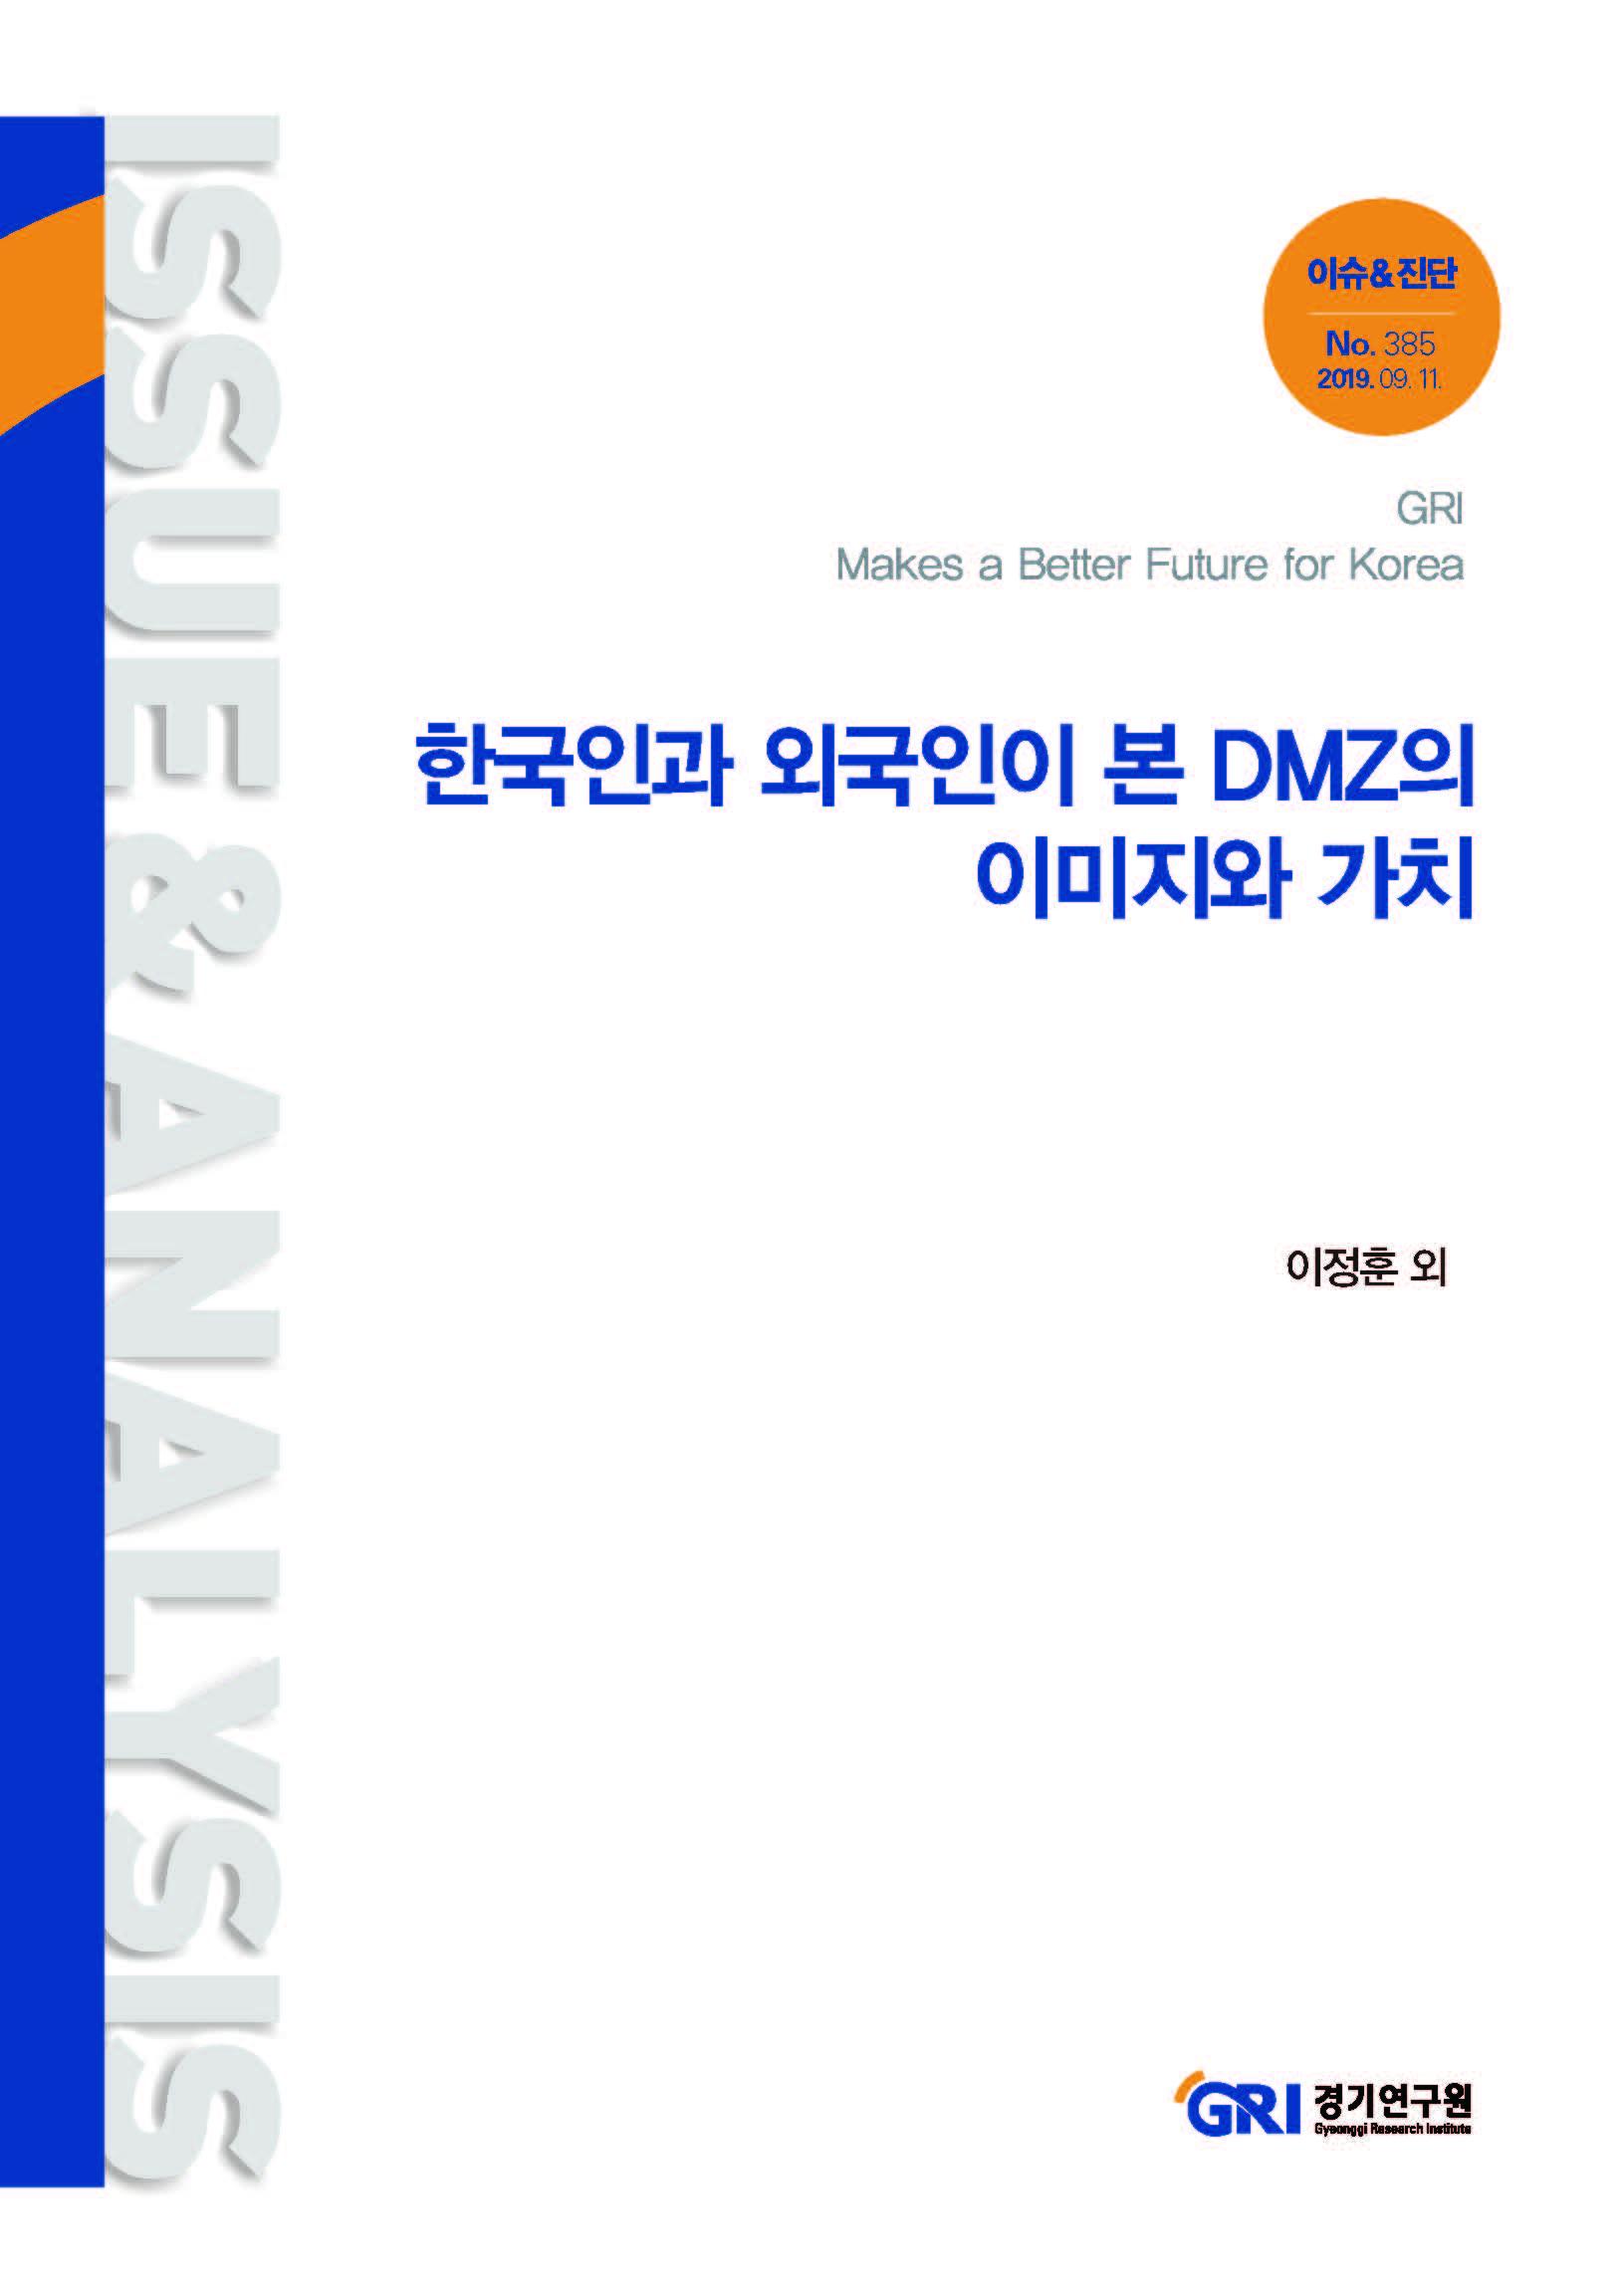 한국인과 외국인이 본 DMZ의 이미지와 가치